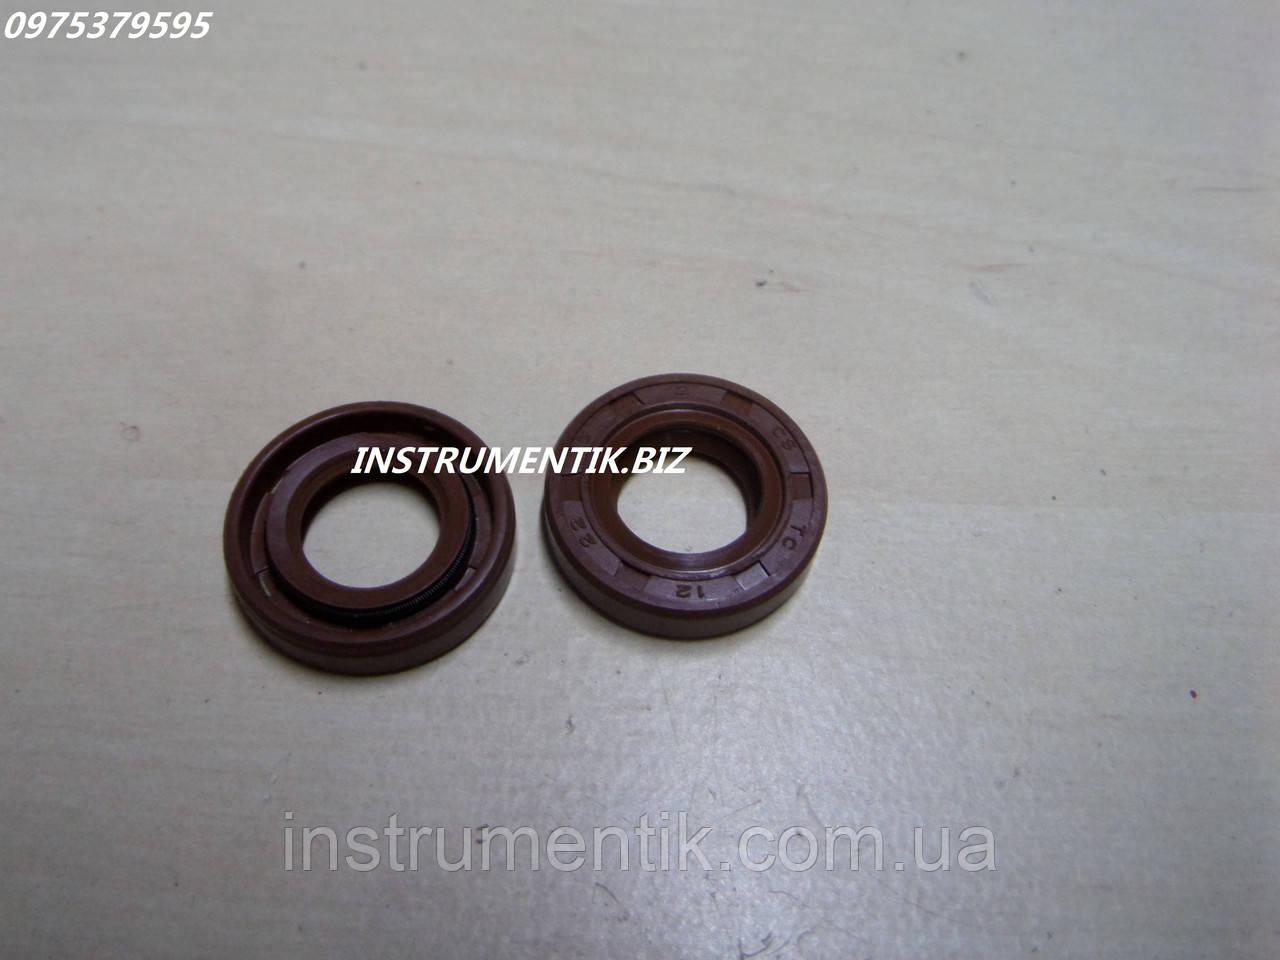 Сальники winzor до Stihl FS 120, FS 200, FS 250